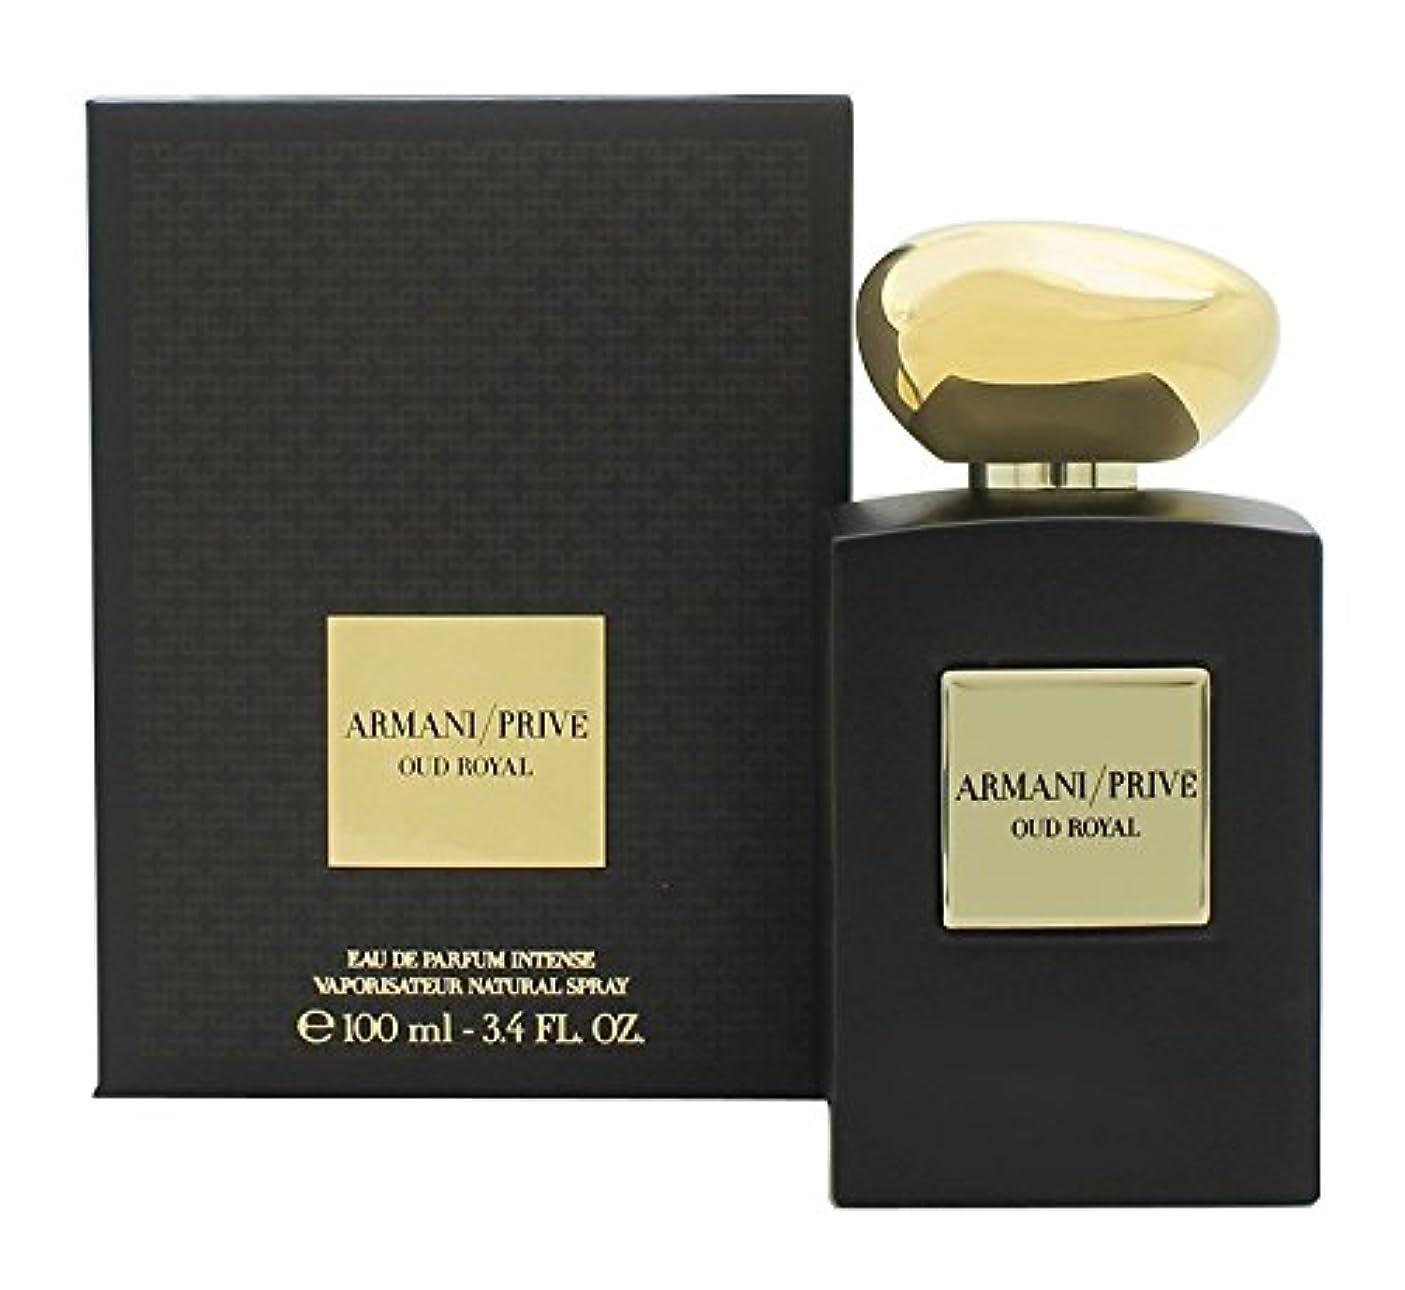 経験聴覚障害者飲食店ジョルジオアルマーニ Prive Oud Royal Eau De Parfum Intense Spray 100ml/3.4oz並行輸入品